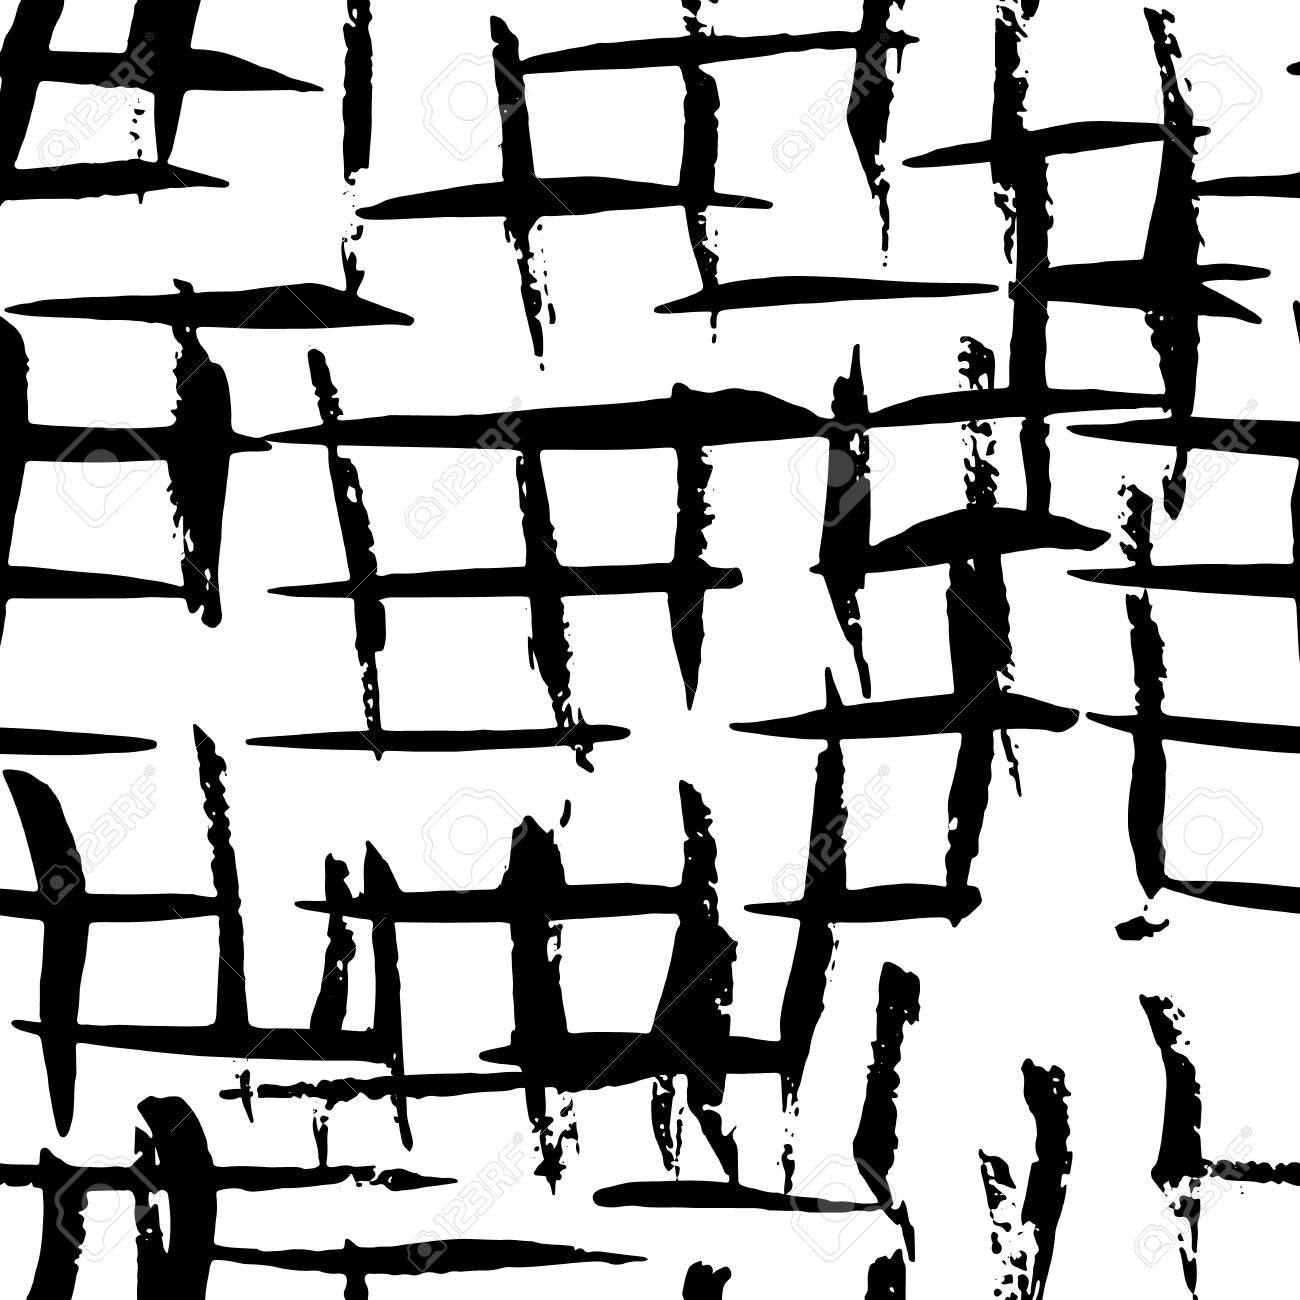 Resumen De Vectores De Patrón Gráfico Negro Blanco Sin Costuras ...